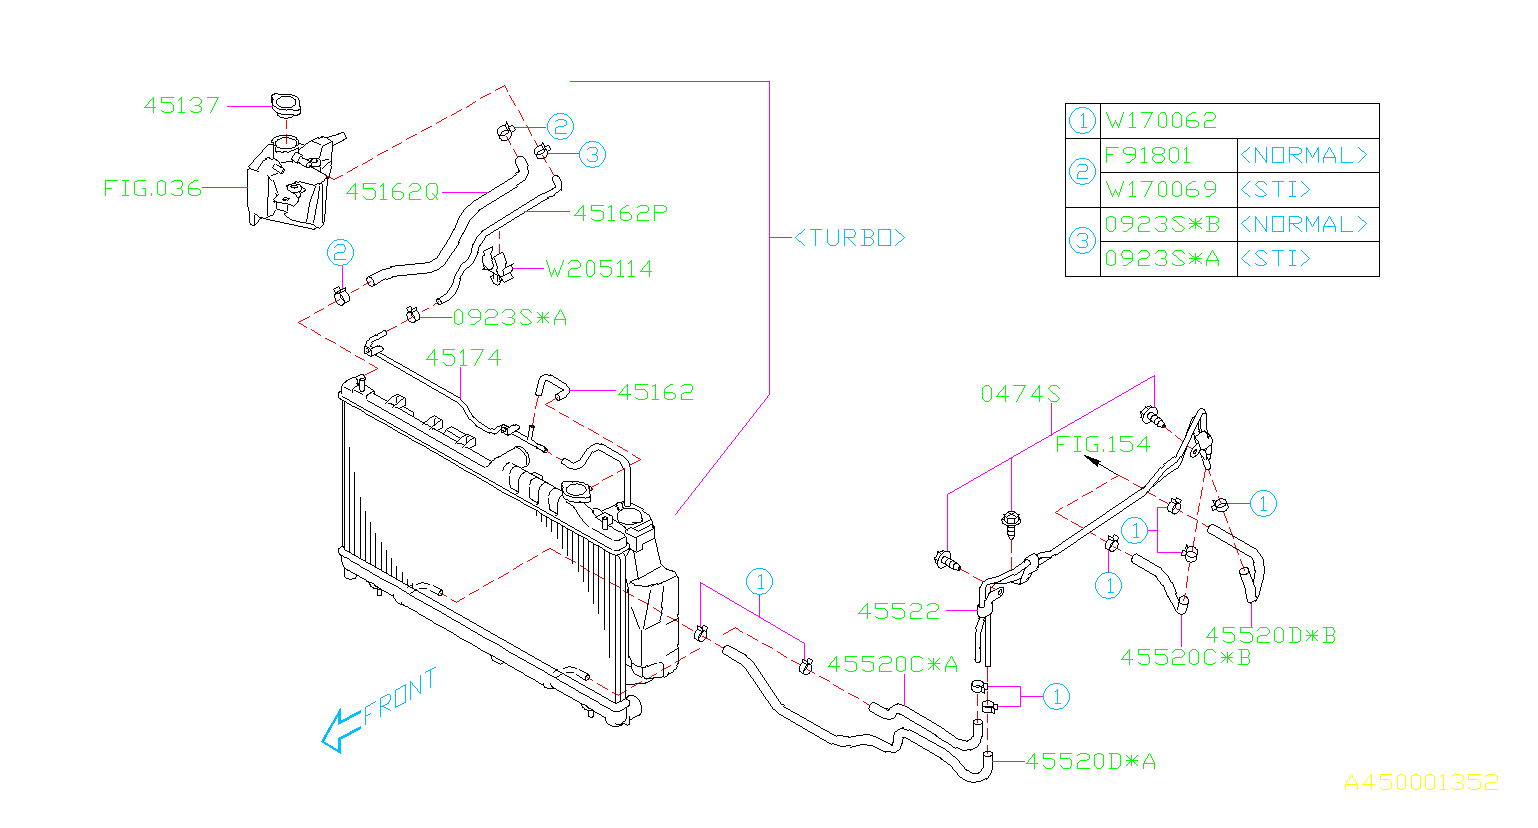 45520ag030 - Automatic Transmission Oil Cooler Hose  Hose Atf  Make  Maintenance  Line